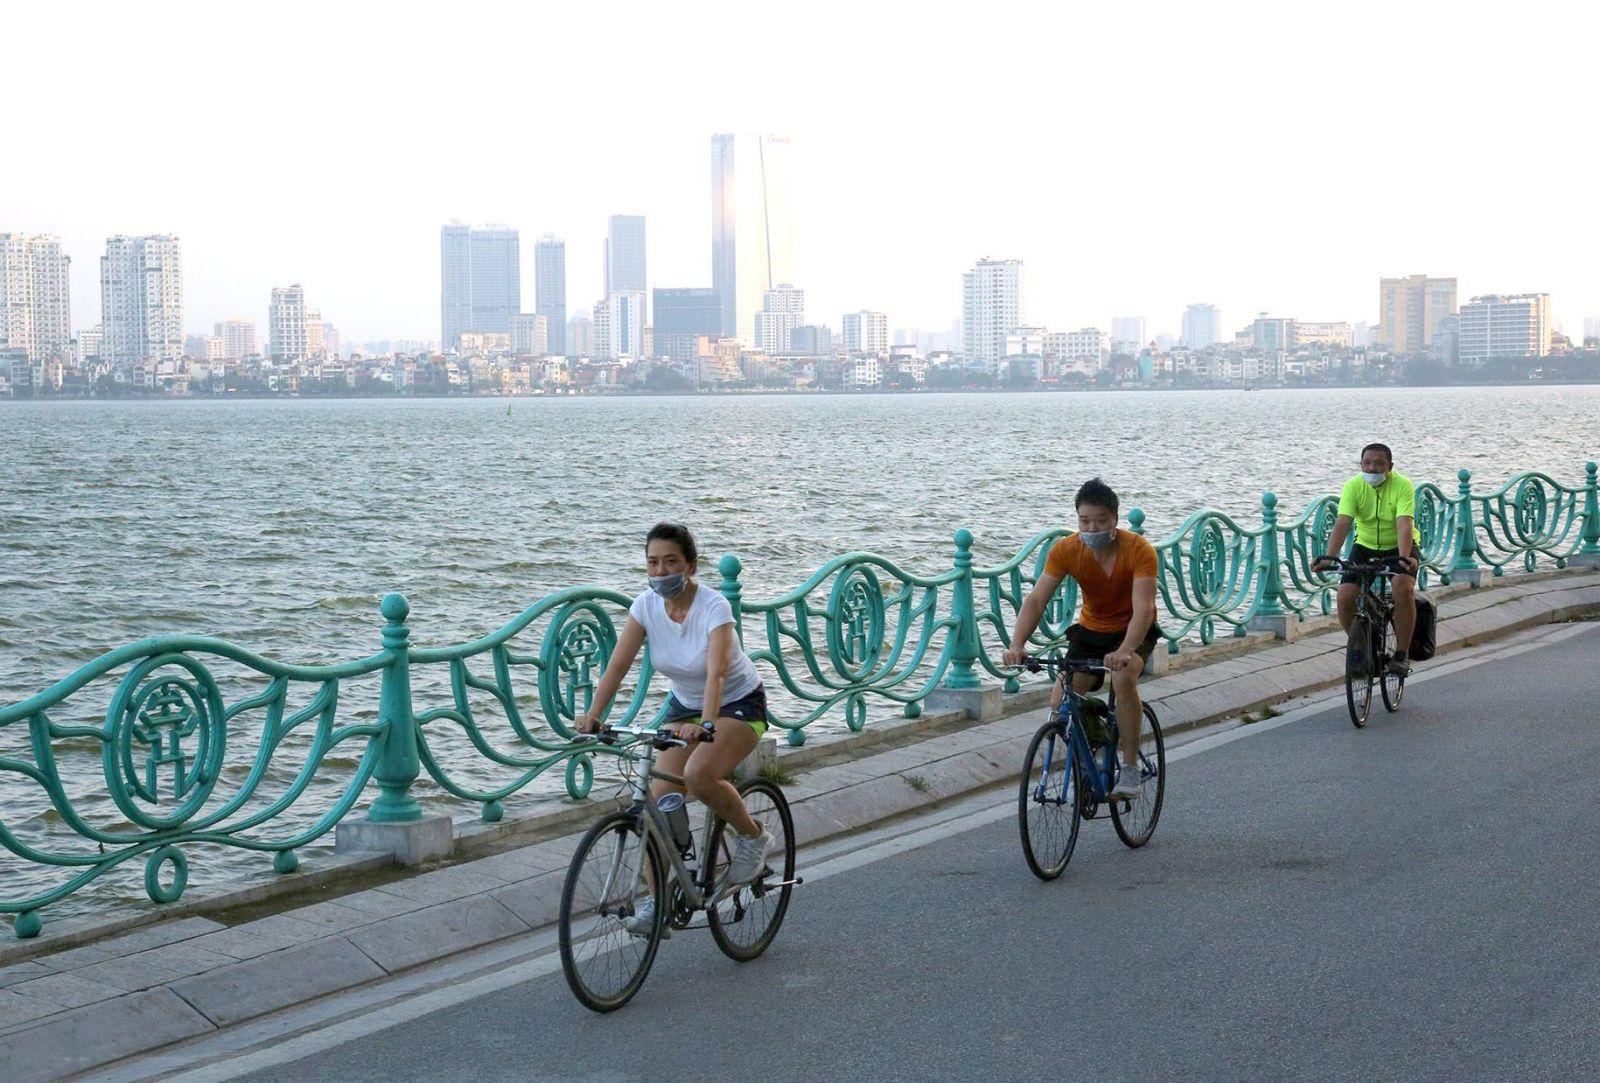 Người dân đạp xe thể dục quanh hồ Tây